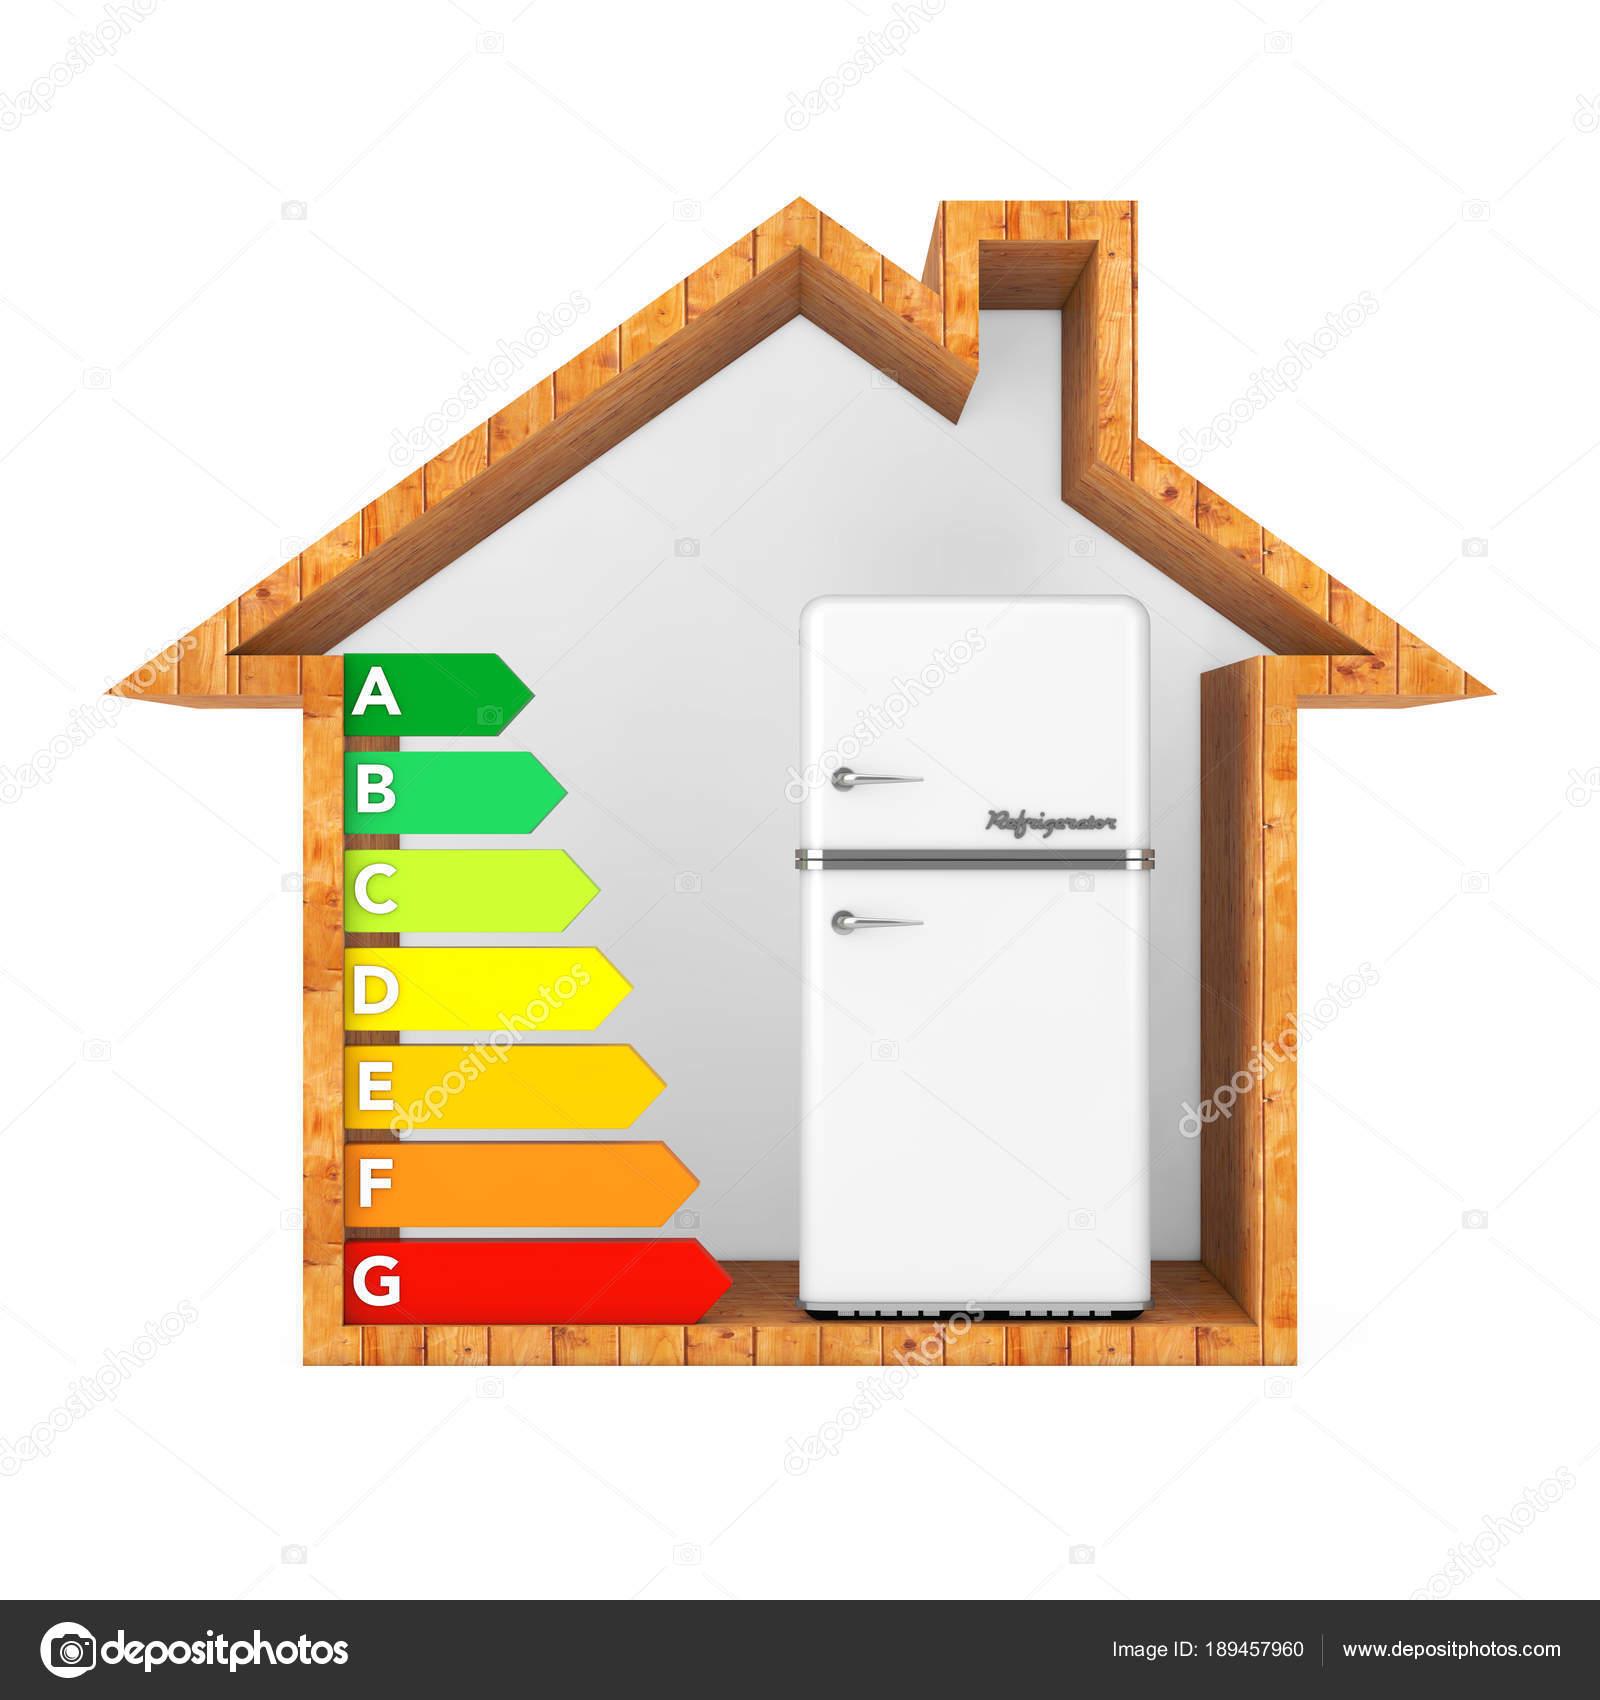 Weißen Kühlschrank mit Energieeffizienz Rating Chart in abstrakten ...